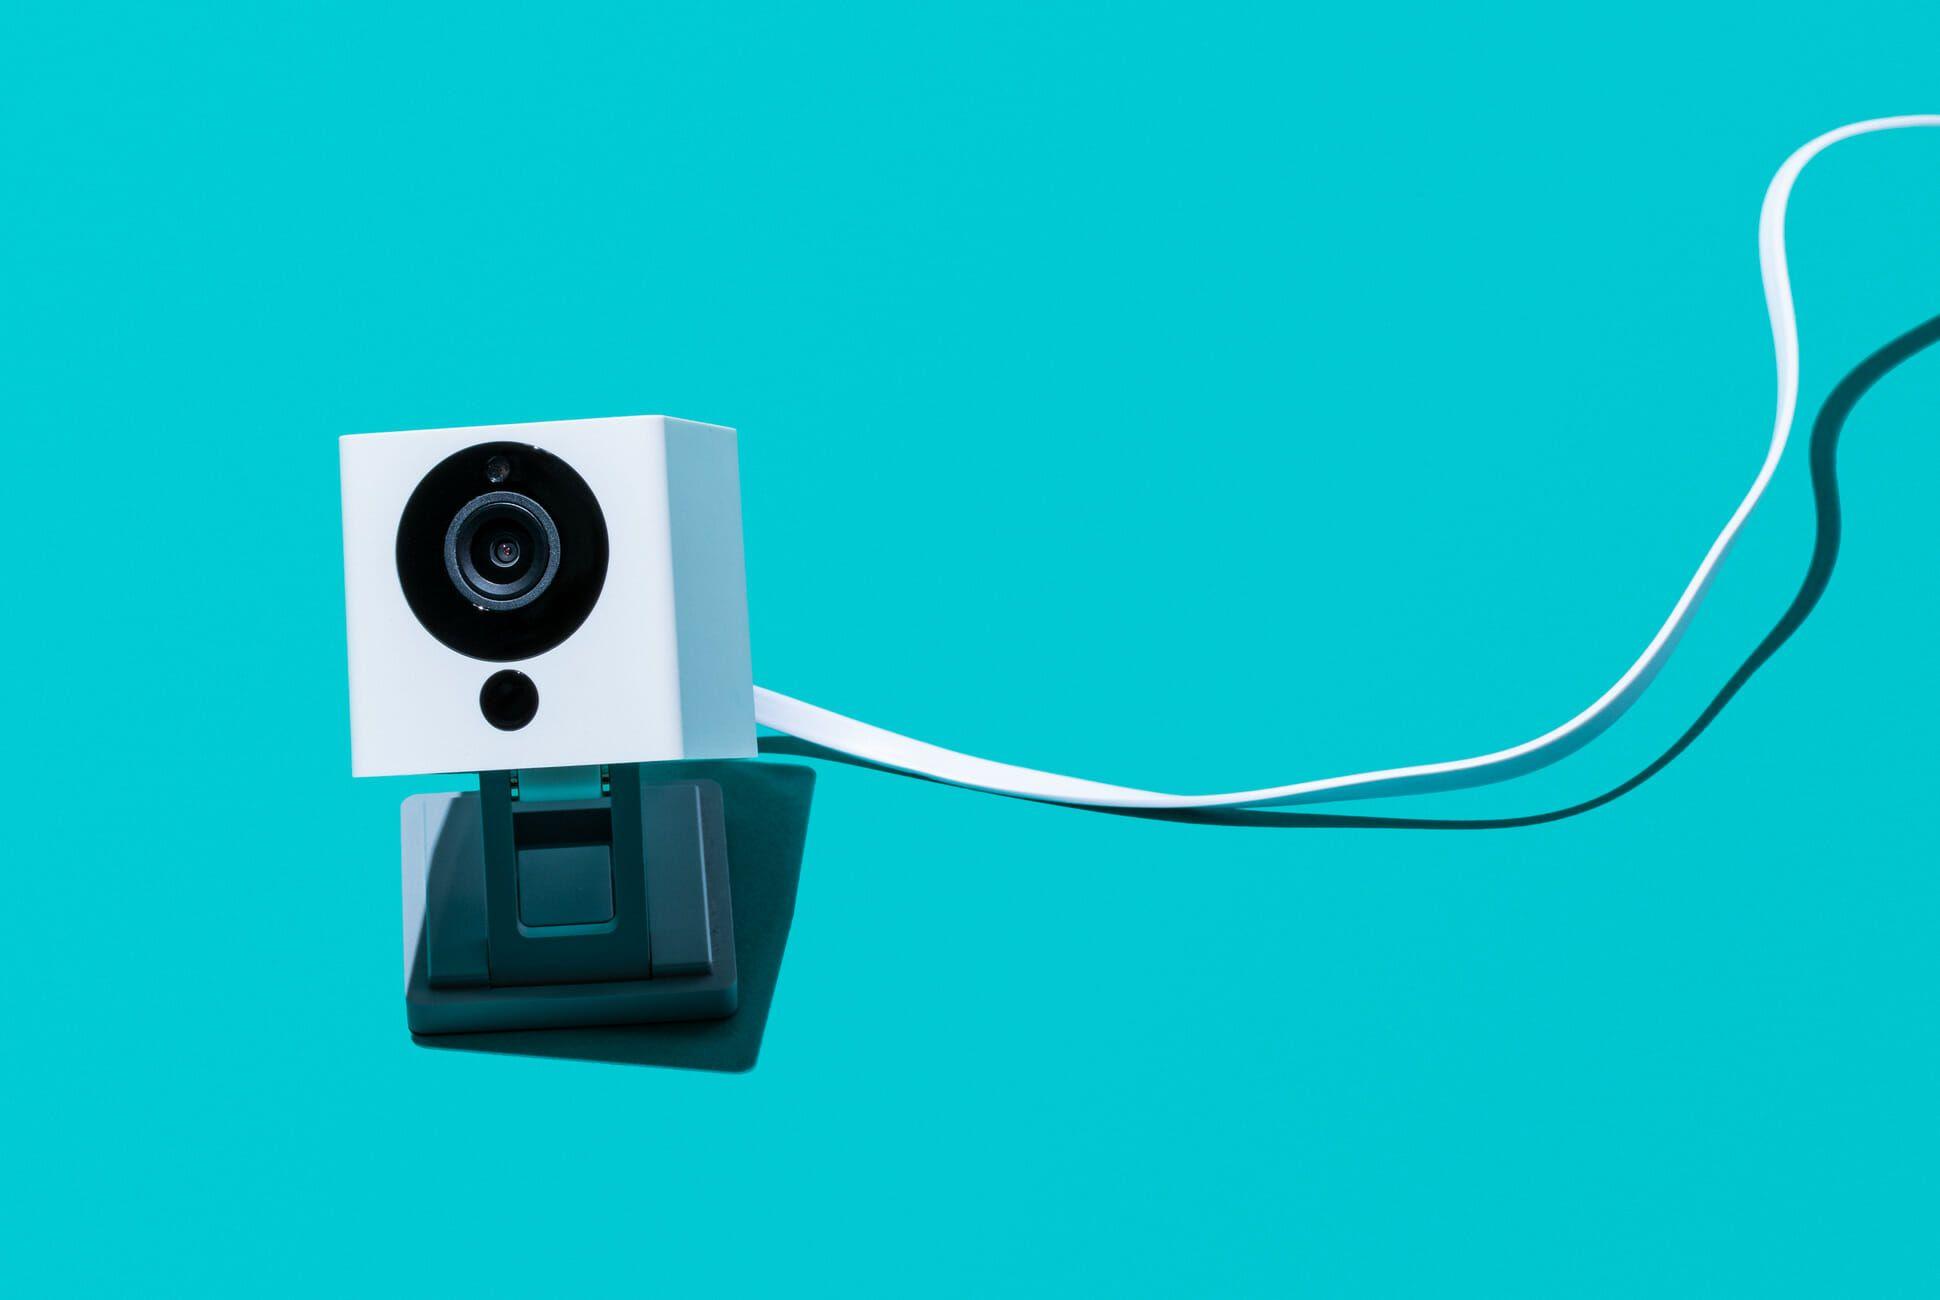 WyzeCam v2 Smart Home Security Camera Review • Gear Patrol